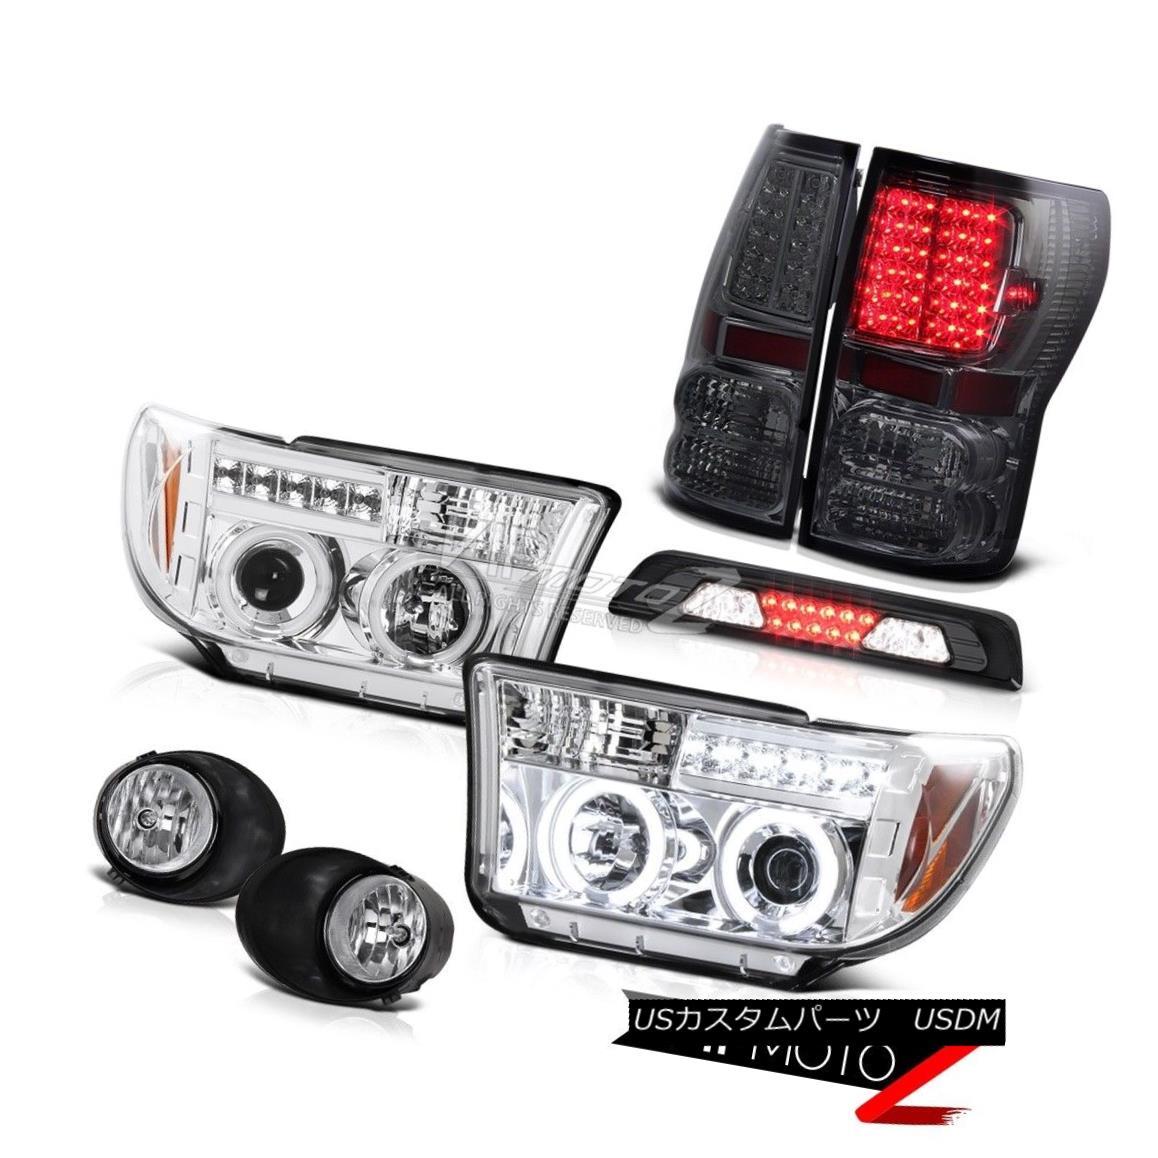 ヘッドライト 07-13 Toyota Tundra Limited Foglamps 3RD Brake Lamp Rear Lights Headlamps LED 07-13 Toyota Tundra Limitedフォグランプ3RDブレーキランプリアライトヘッドランプLED